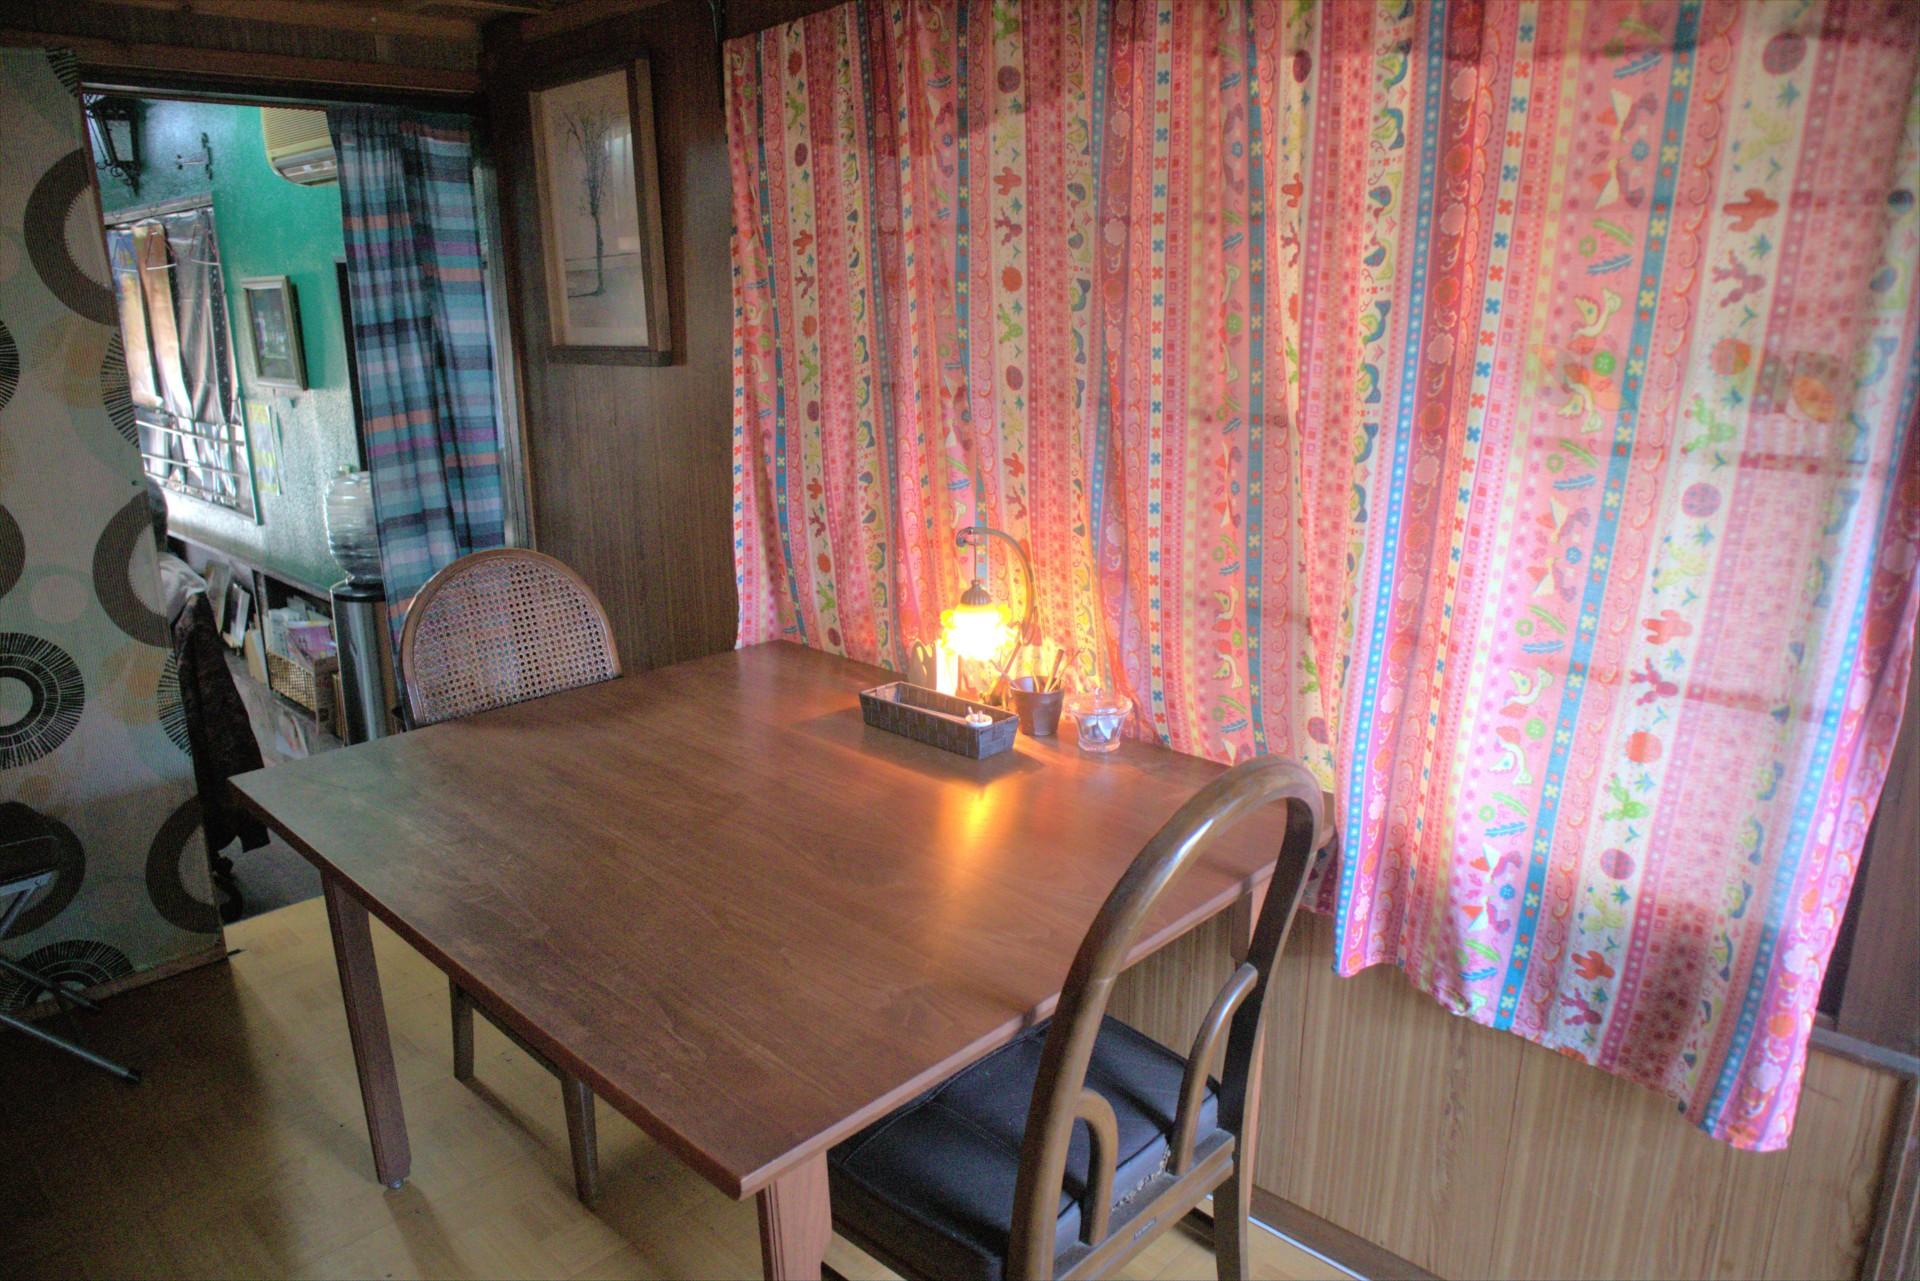 お店の奥にあるテーブル席はレトロな雰囲気で和む